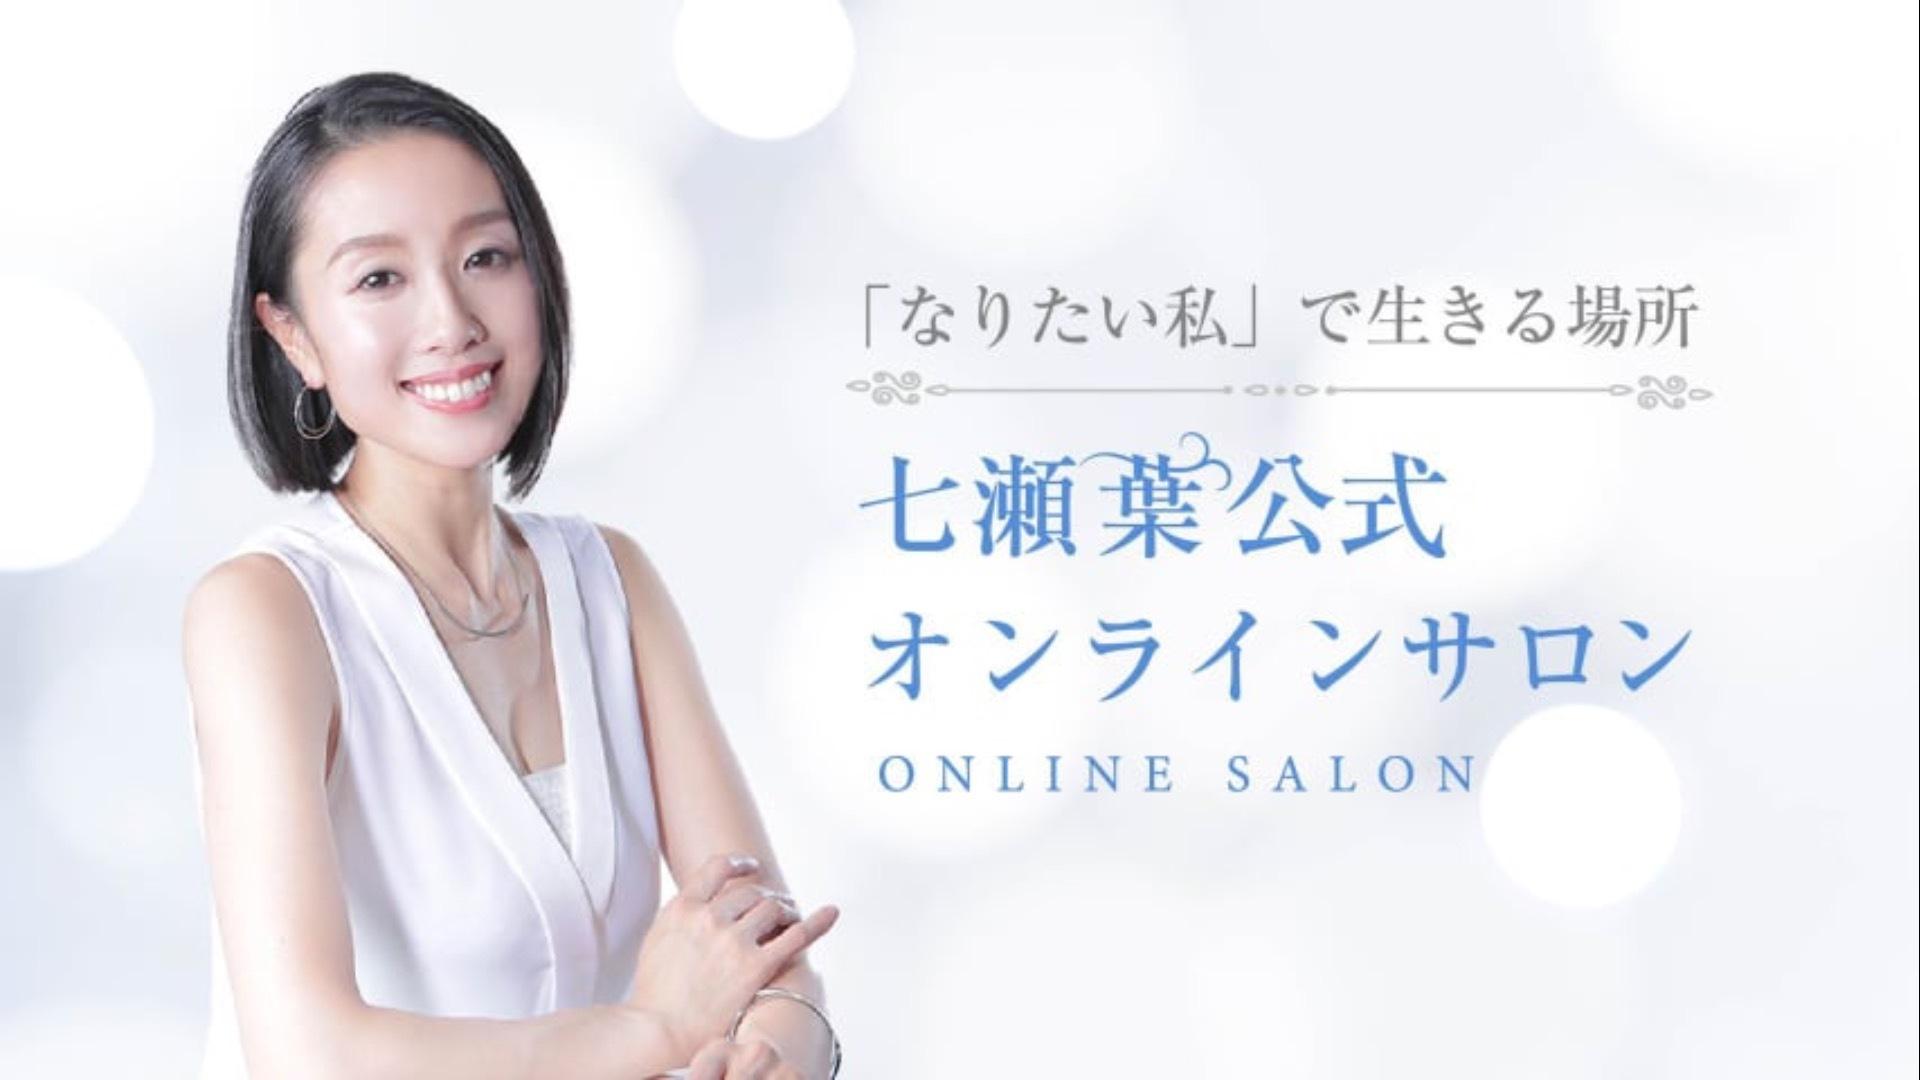 七瀬葉公式オンラインサロン